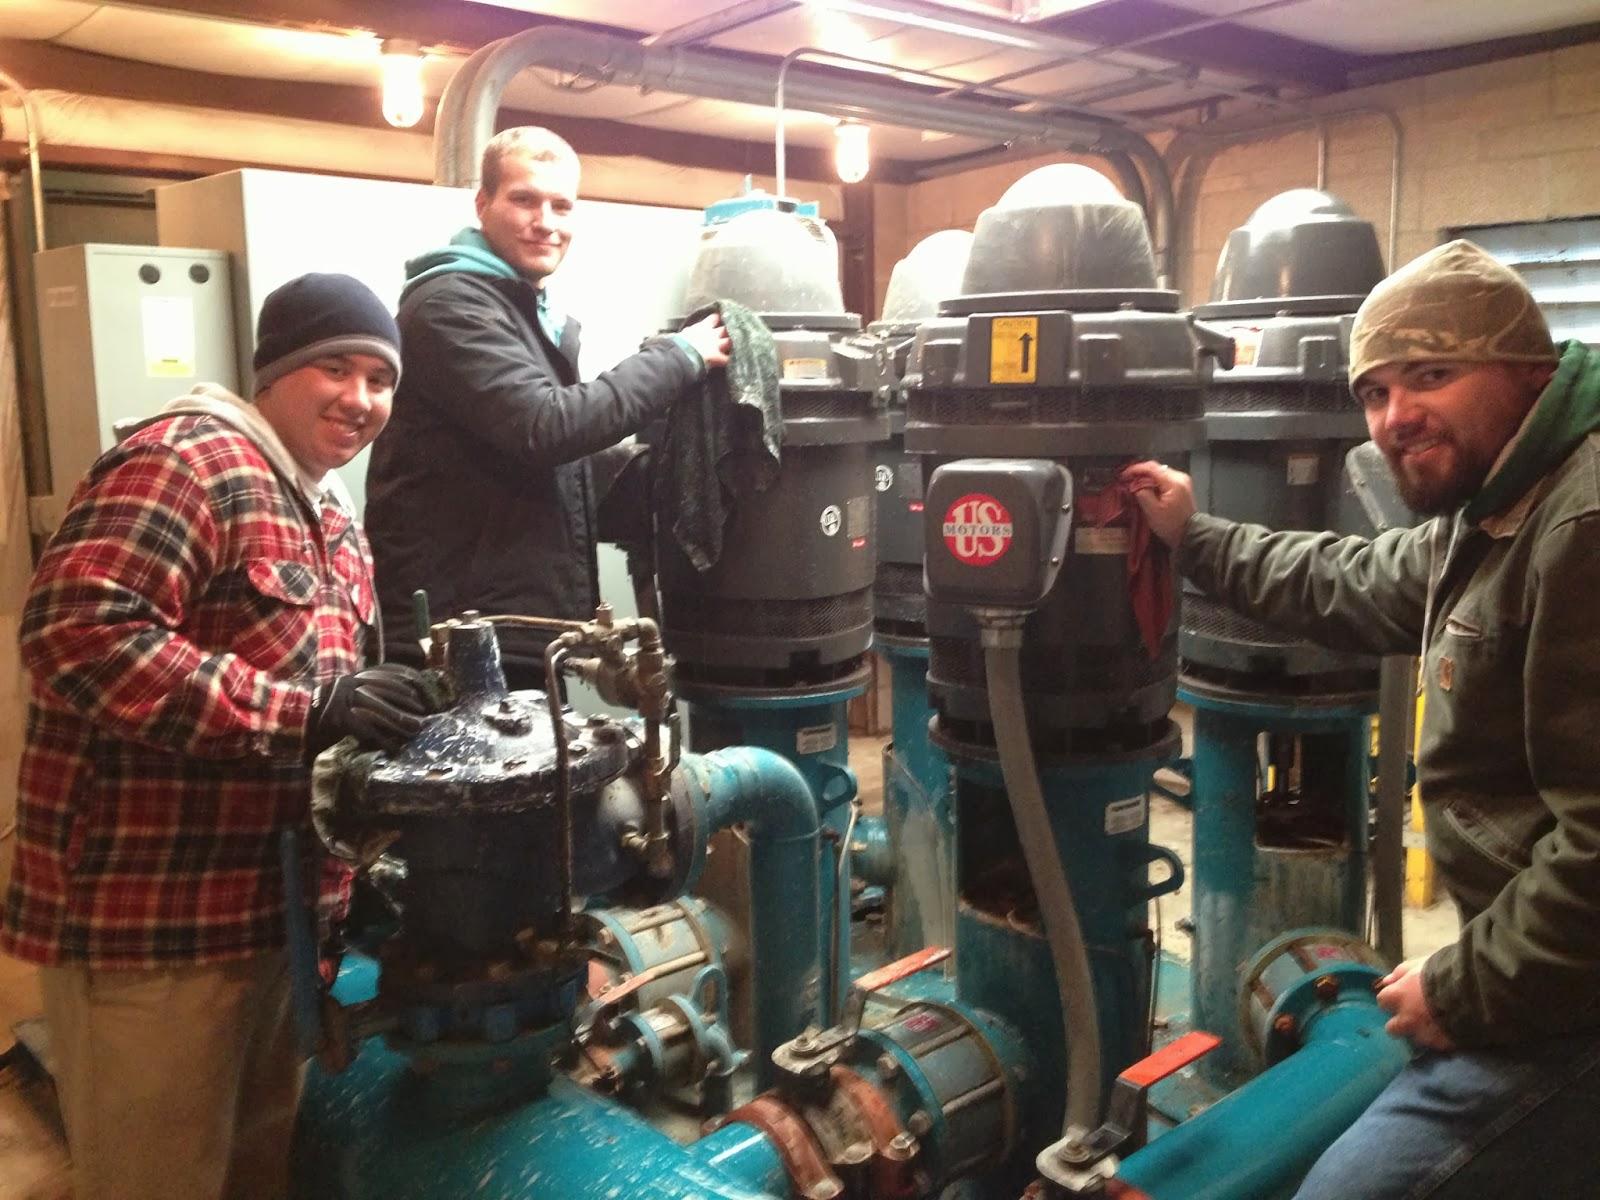 Rcc golf course maintenance blog december 2013 for Randy stewart builder